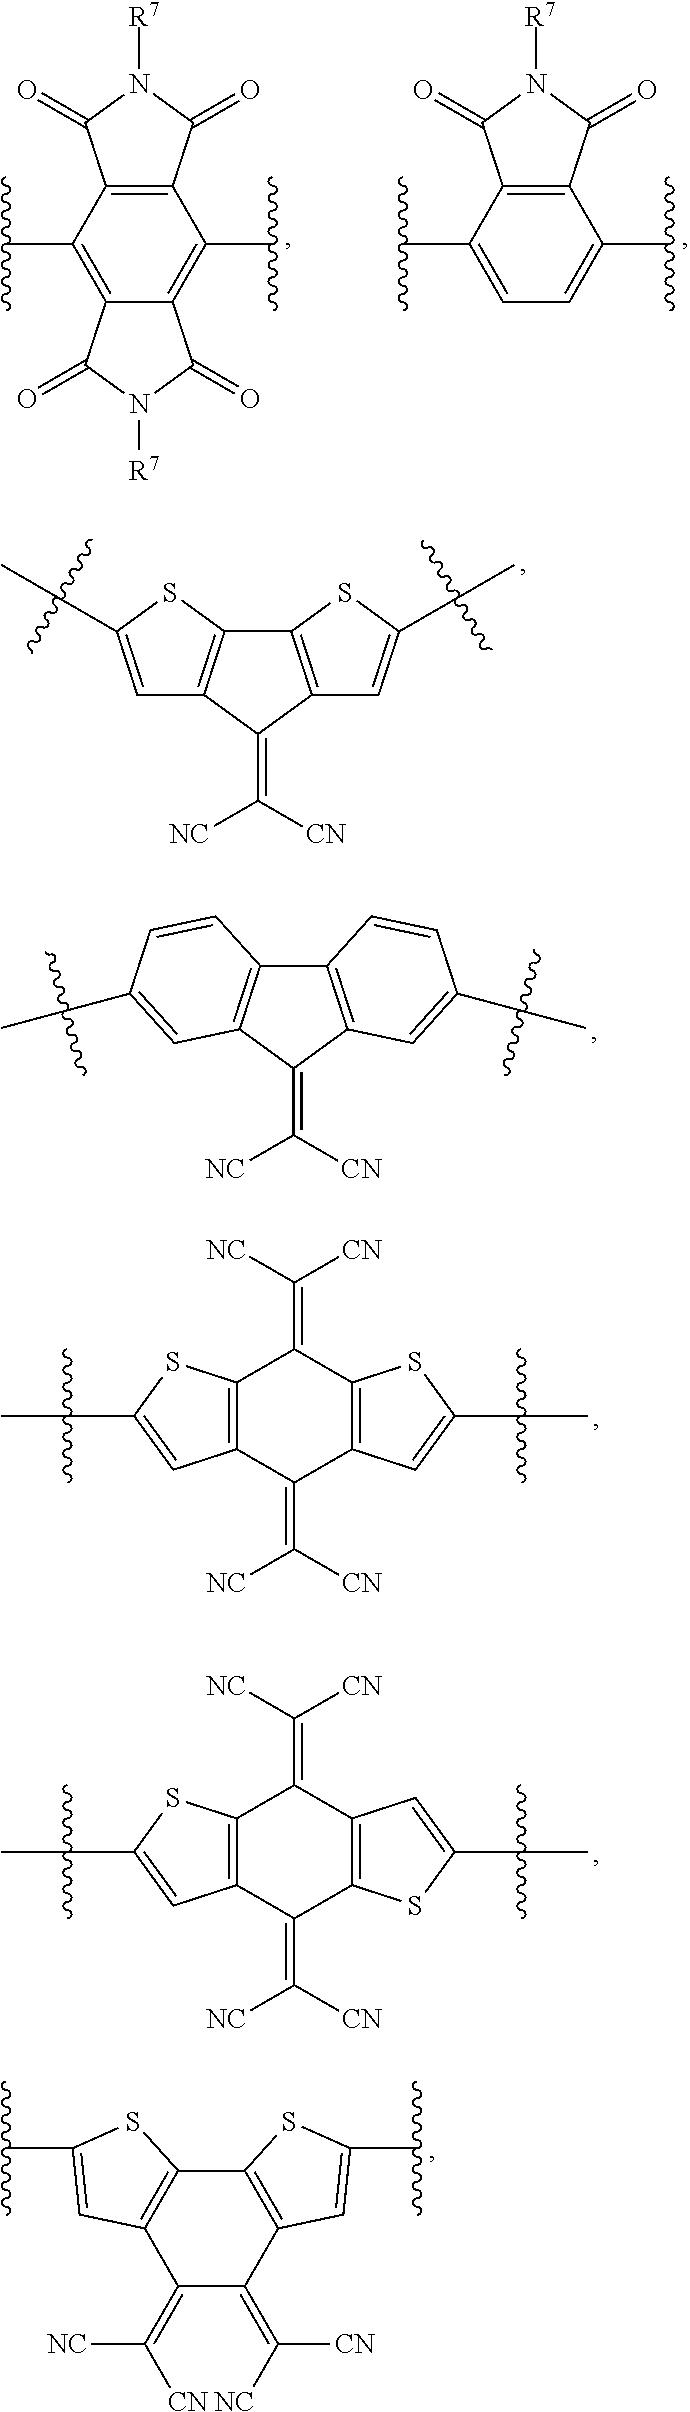 Figure US08329855-20121211-C00045